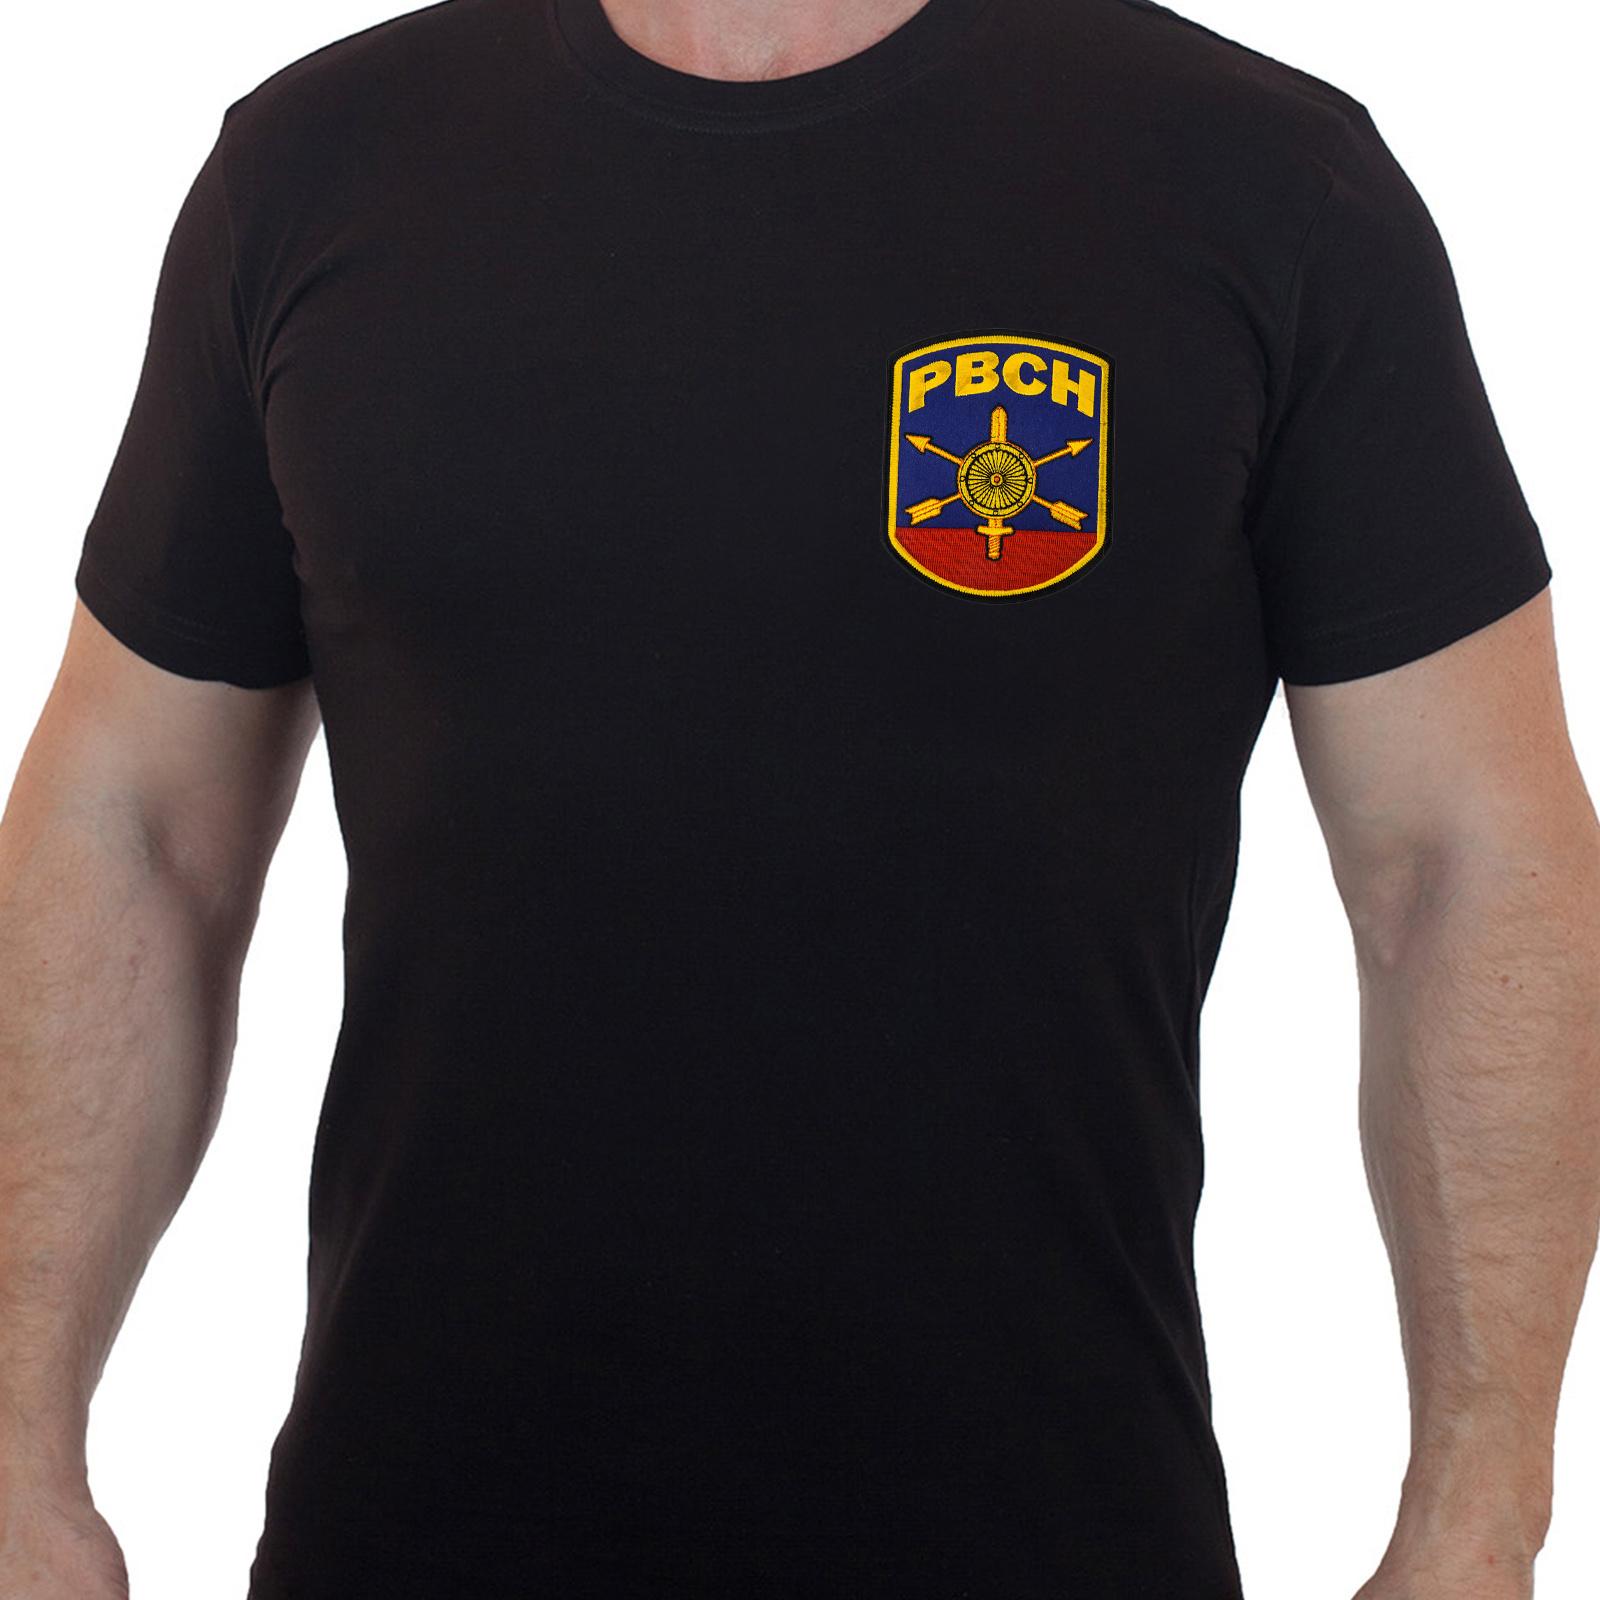 Строгая мужская футболка с символикой РВСН.